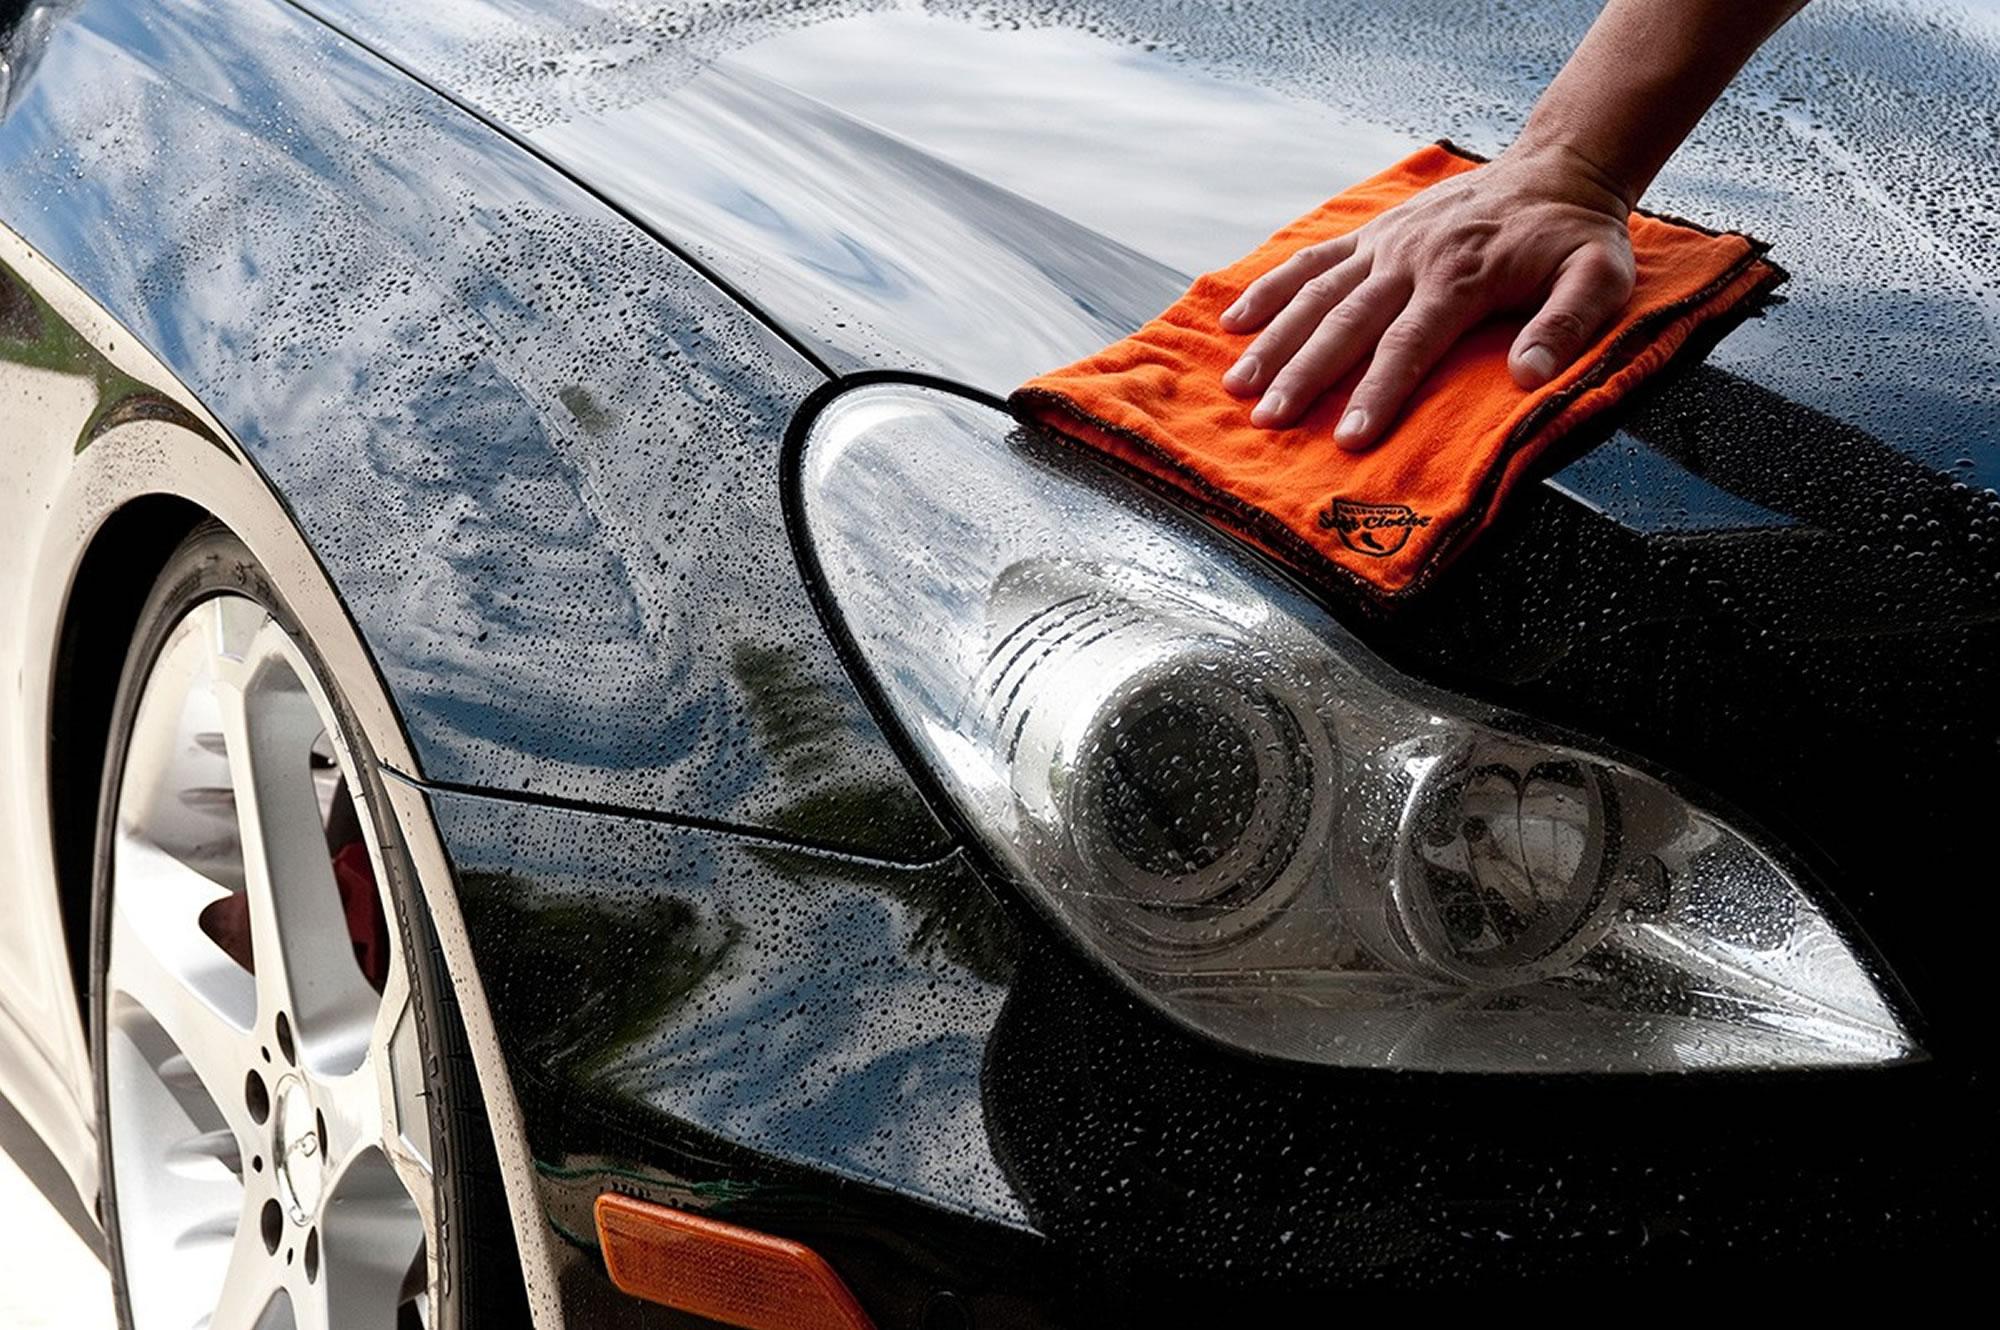 car-cleaning-myths